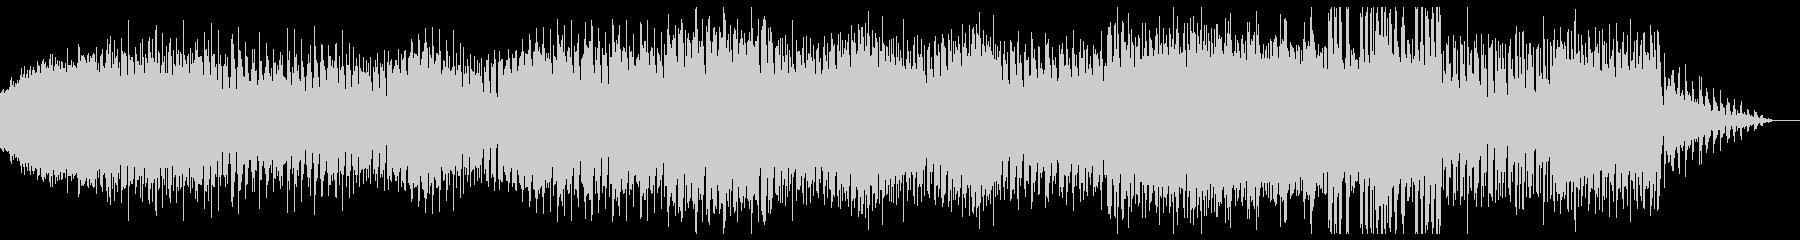 ダンサンブル、シンプルなアナログテクノの未再生の波形